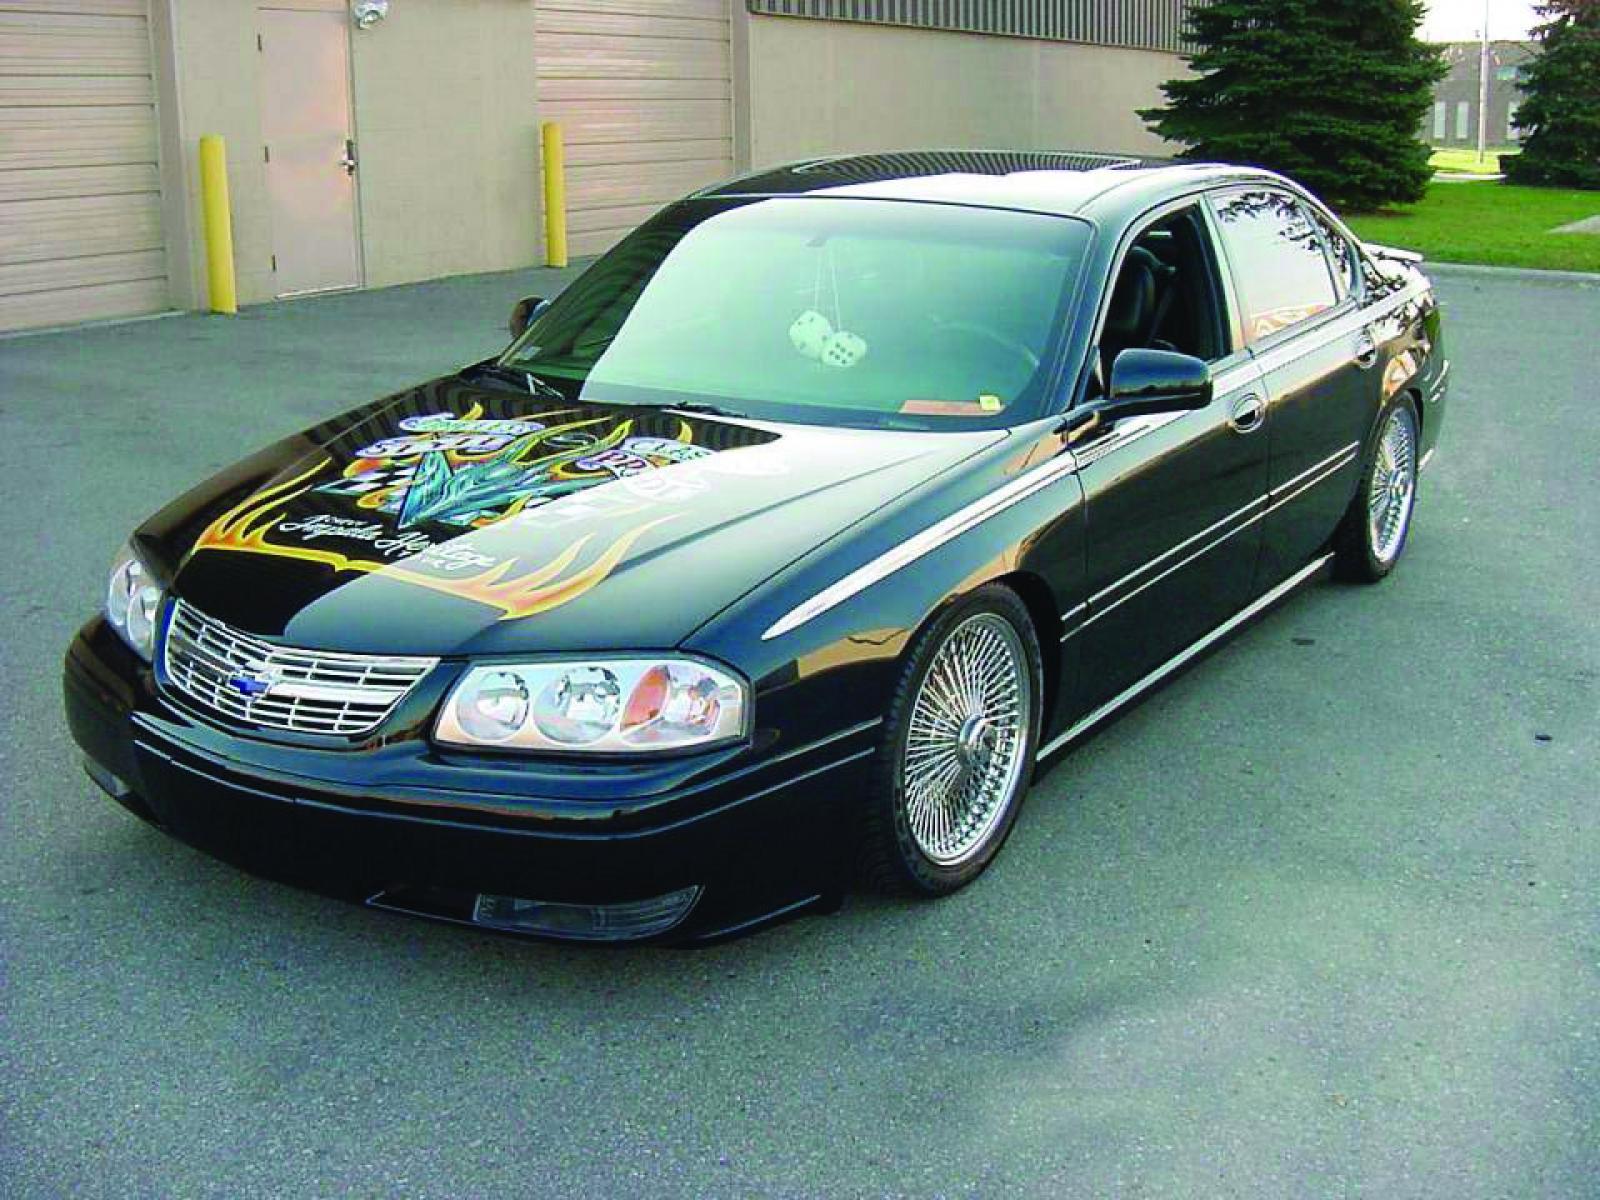 2001 Chevrolet Impala #10 Chevrolet Impala #10 800 1024 1280 1600 origin ...